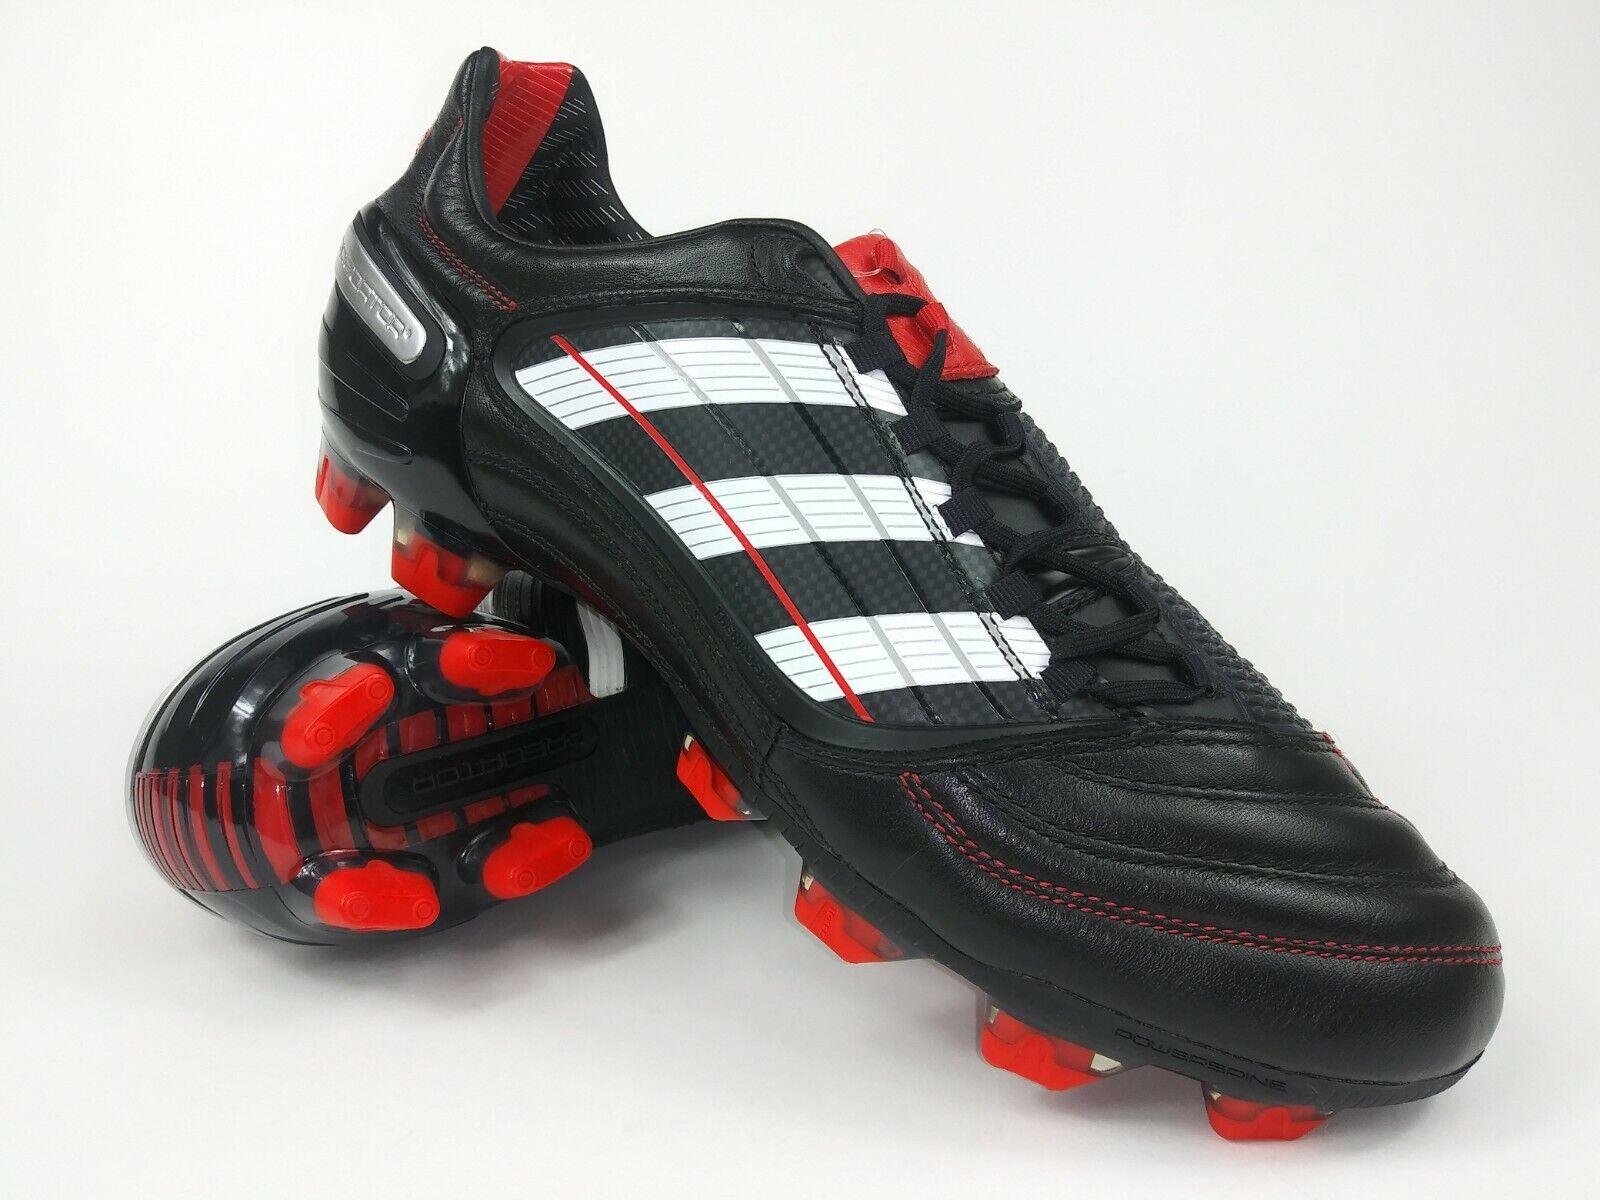 Adidas de Hombre Raro X Projoator _ X Fg Col G02736 Rojo Negro Fútbol Tacos botas